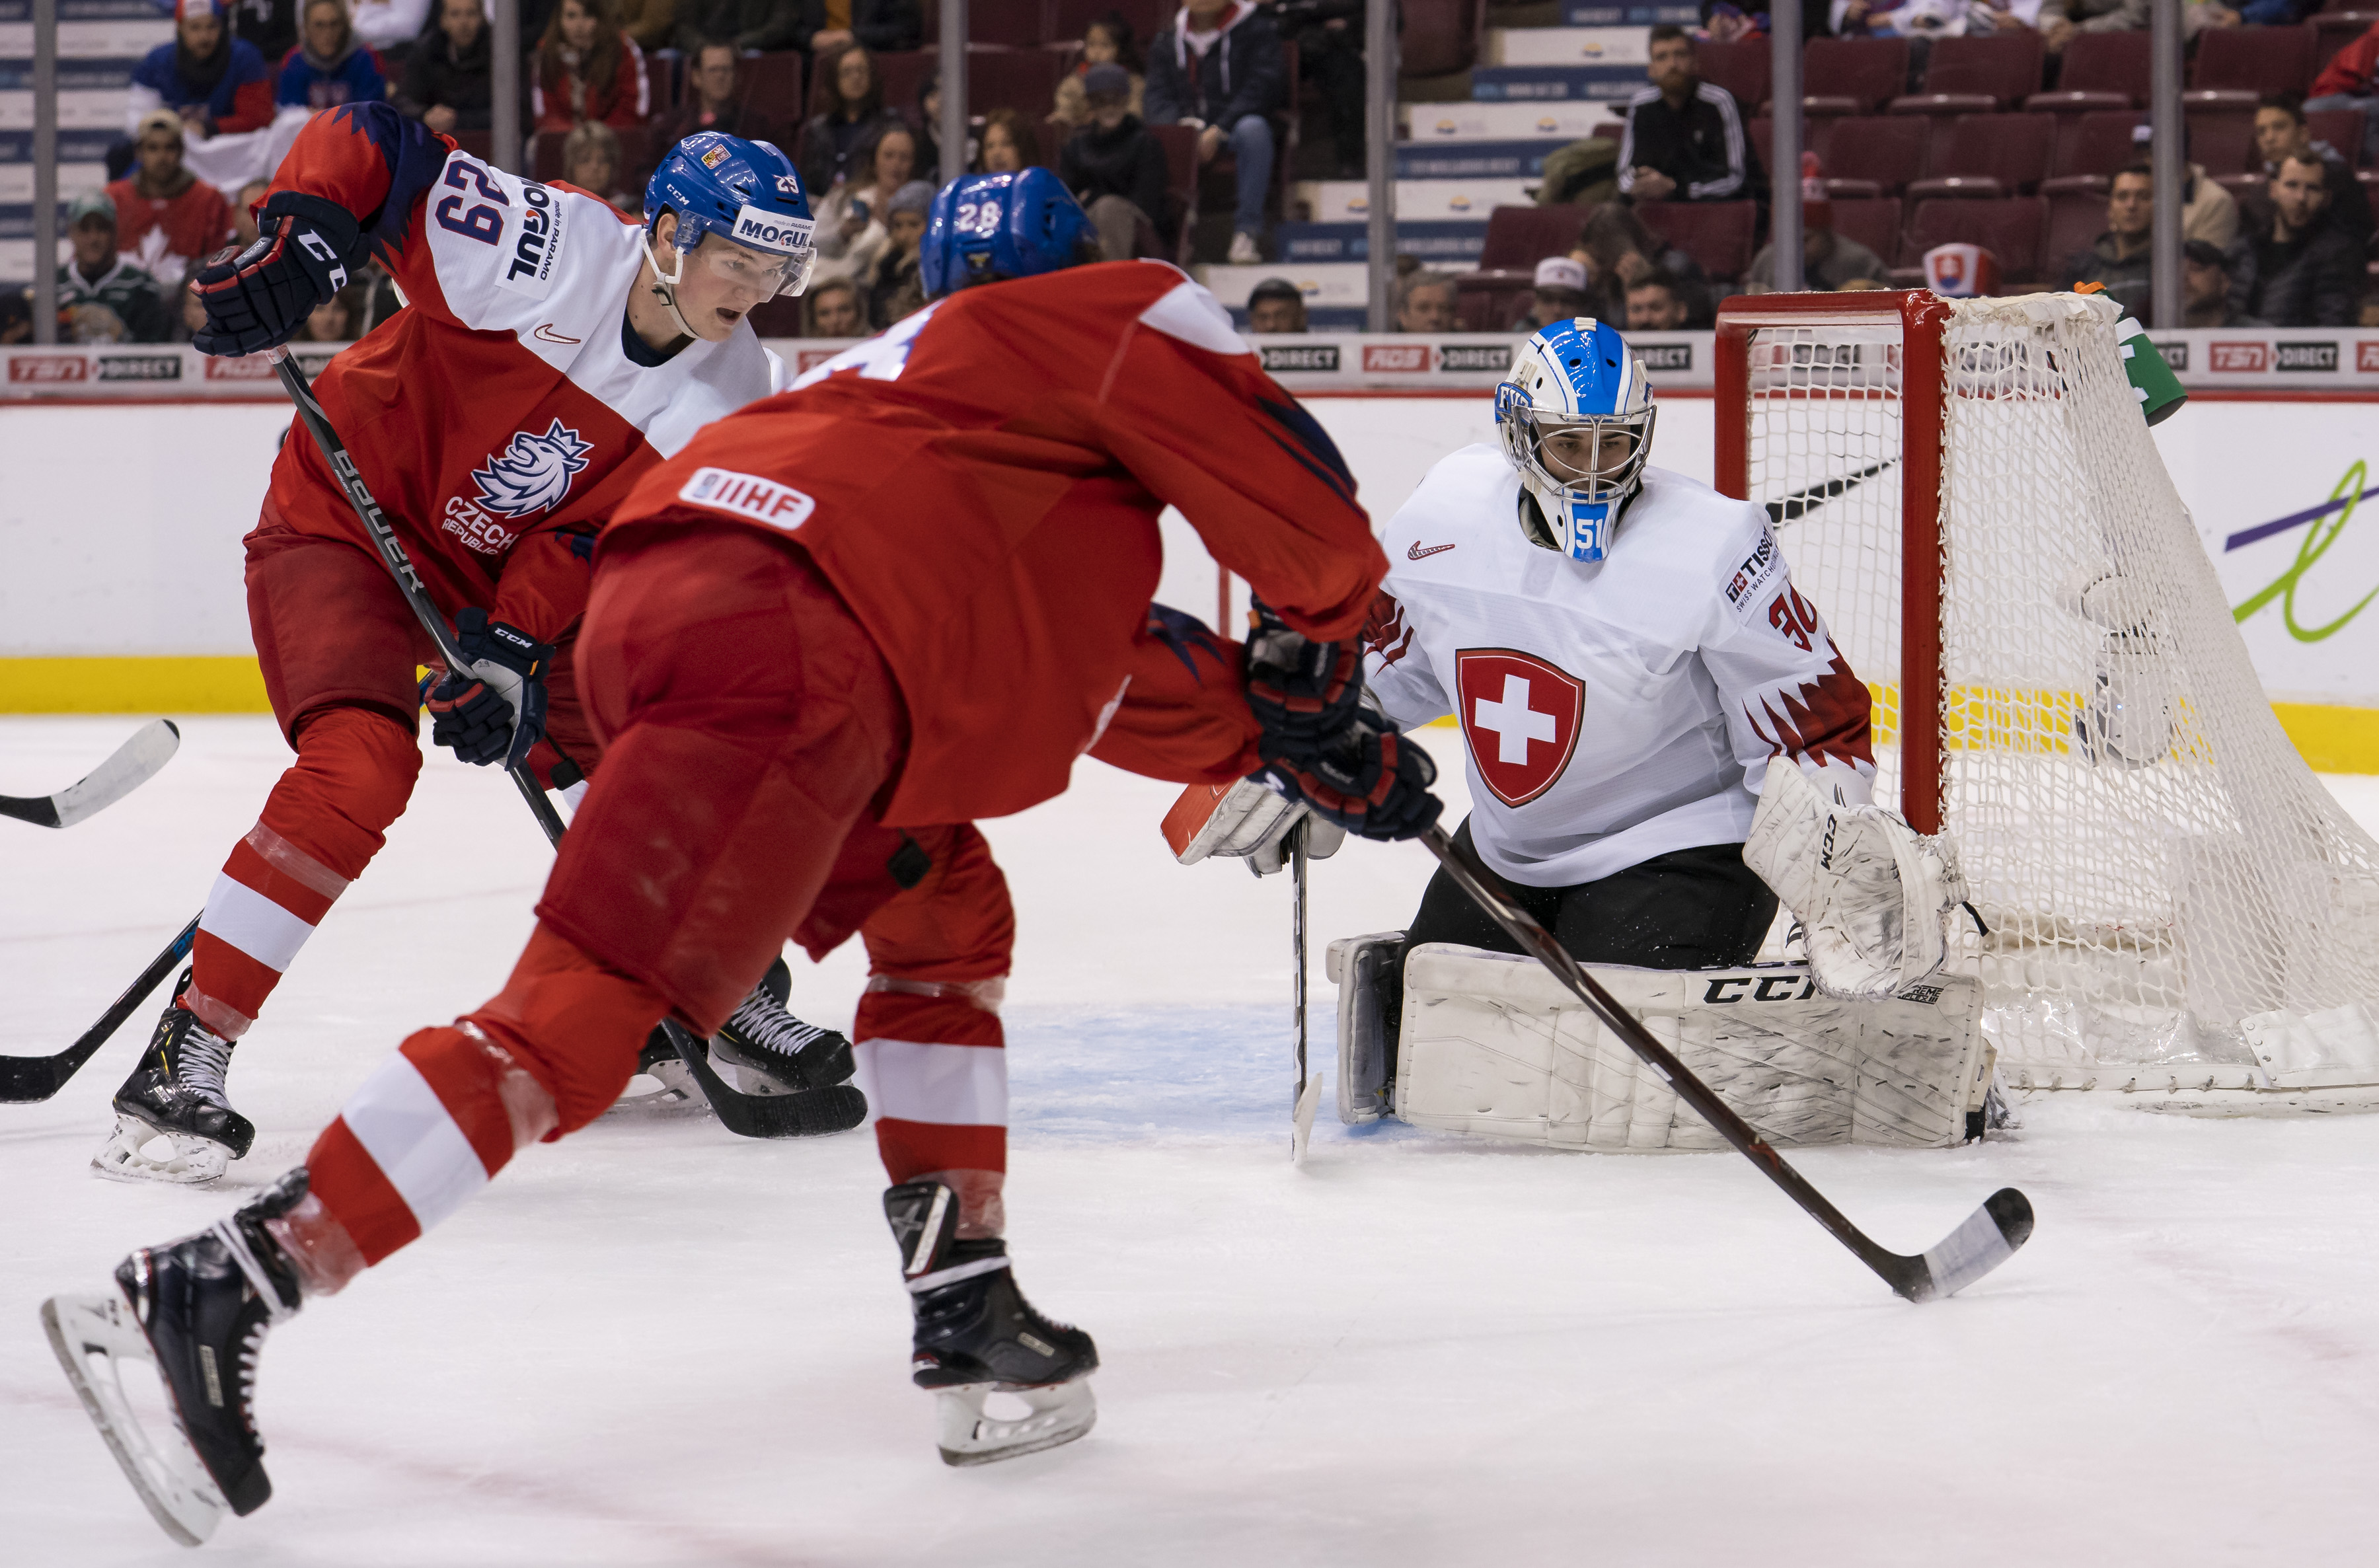 Czech Republic v Switzerland - 2019 IIHF World Junior Championship